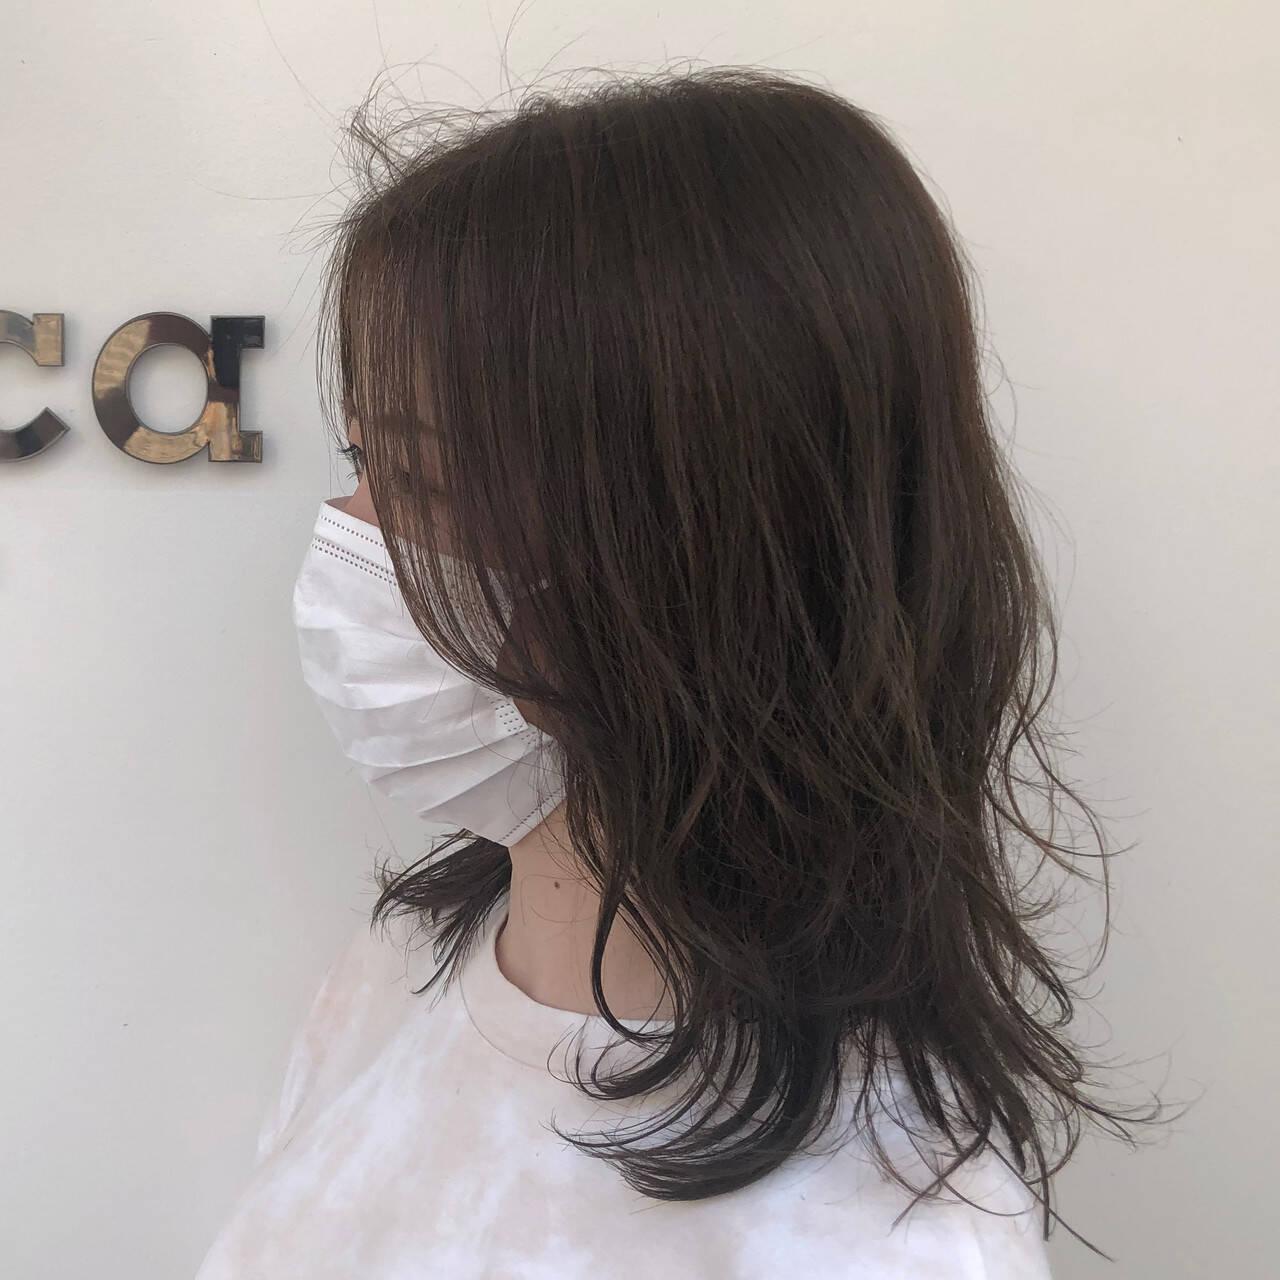 ナチュラル レイヤースタイル パーマ 無造作パーマヘアスタイルや髪型の写真・画像